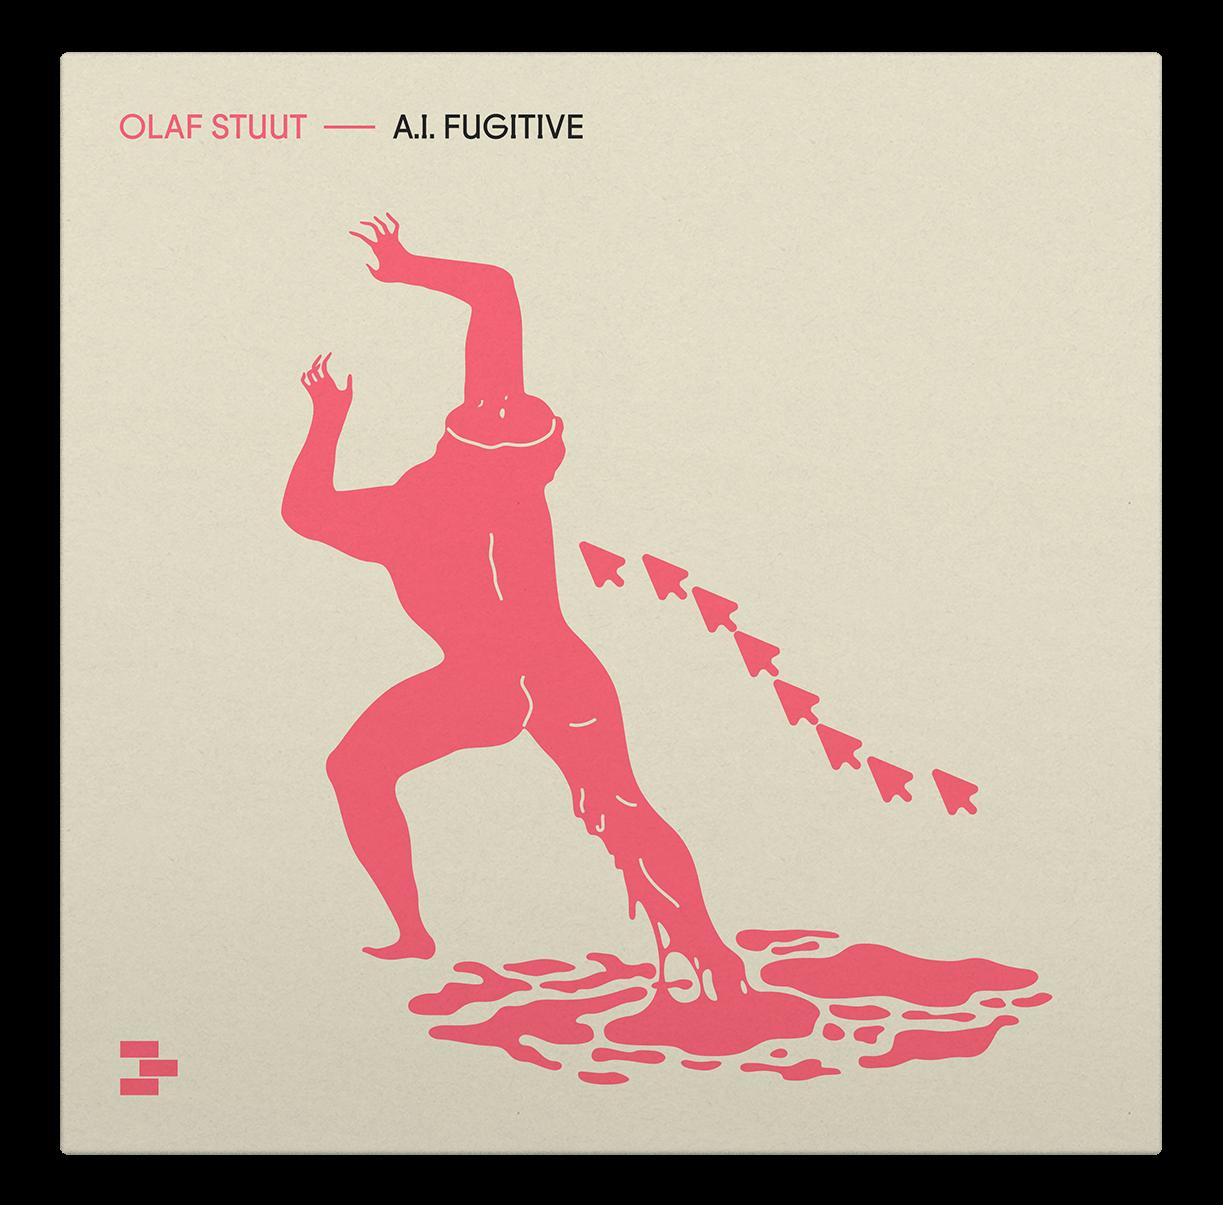 Olaf Stuut - A.I. Fugitive